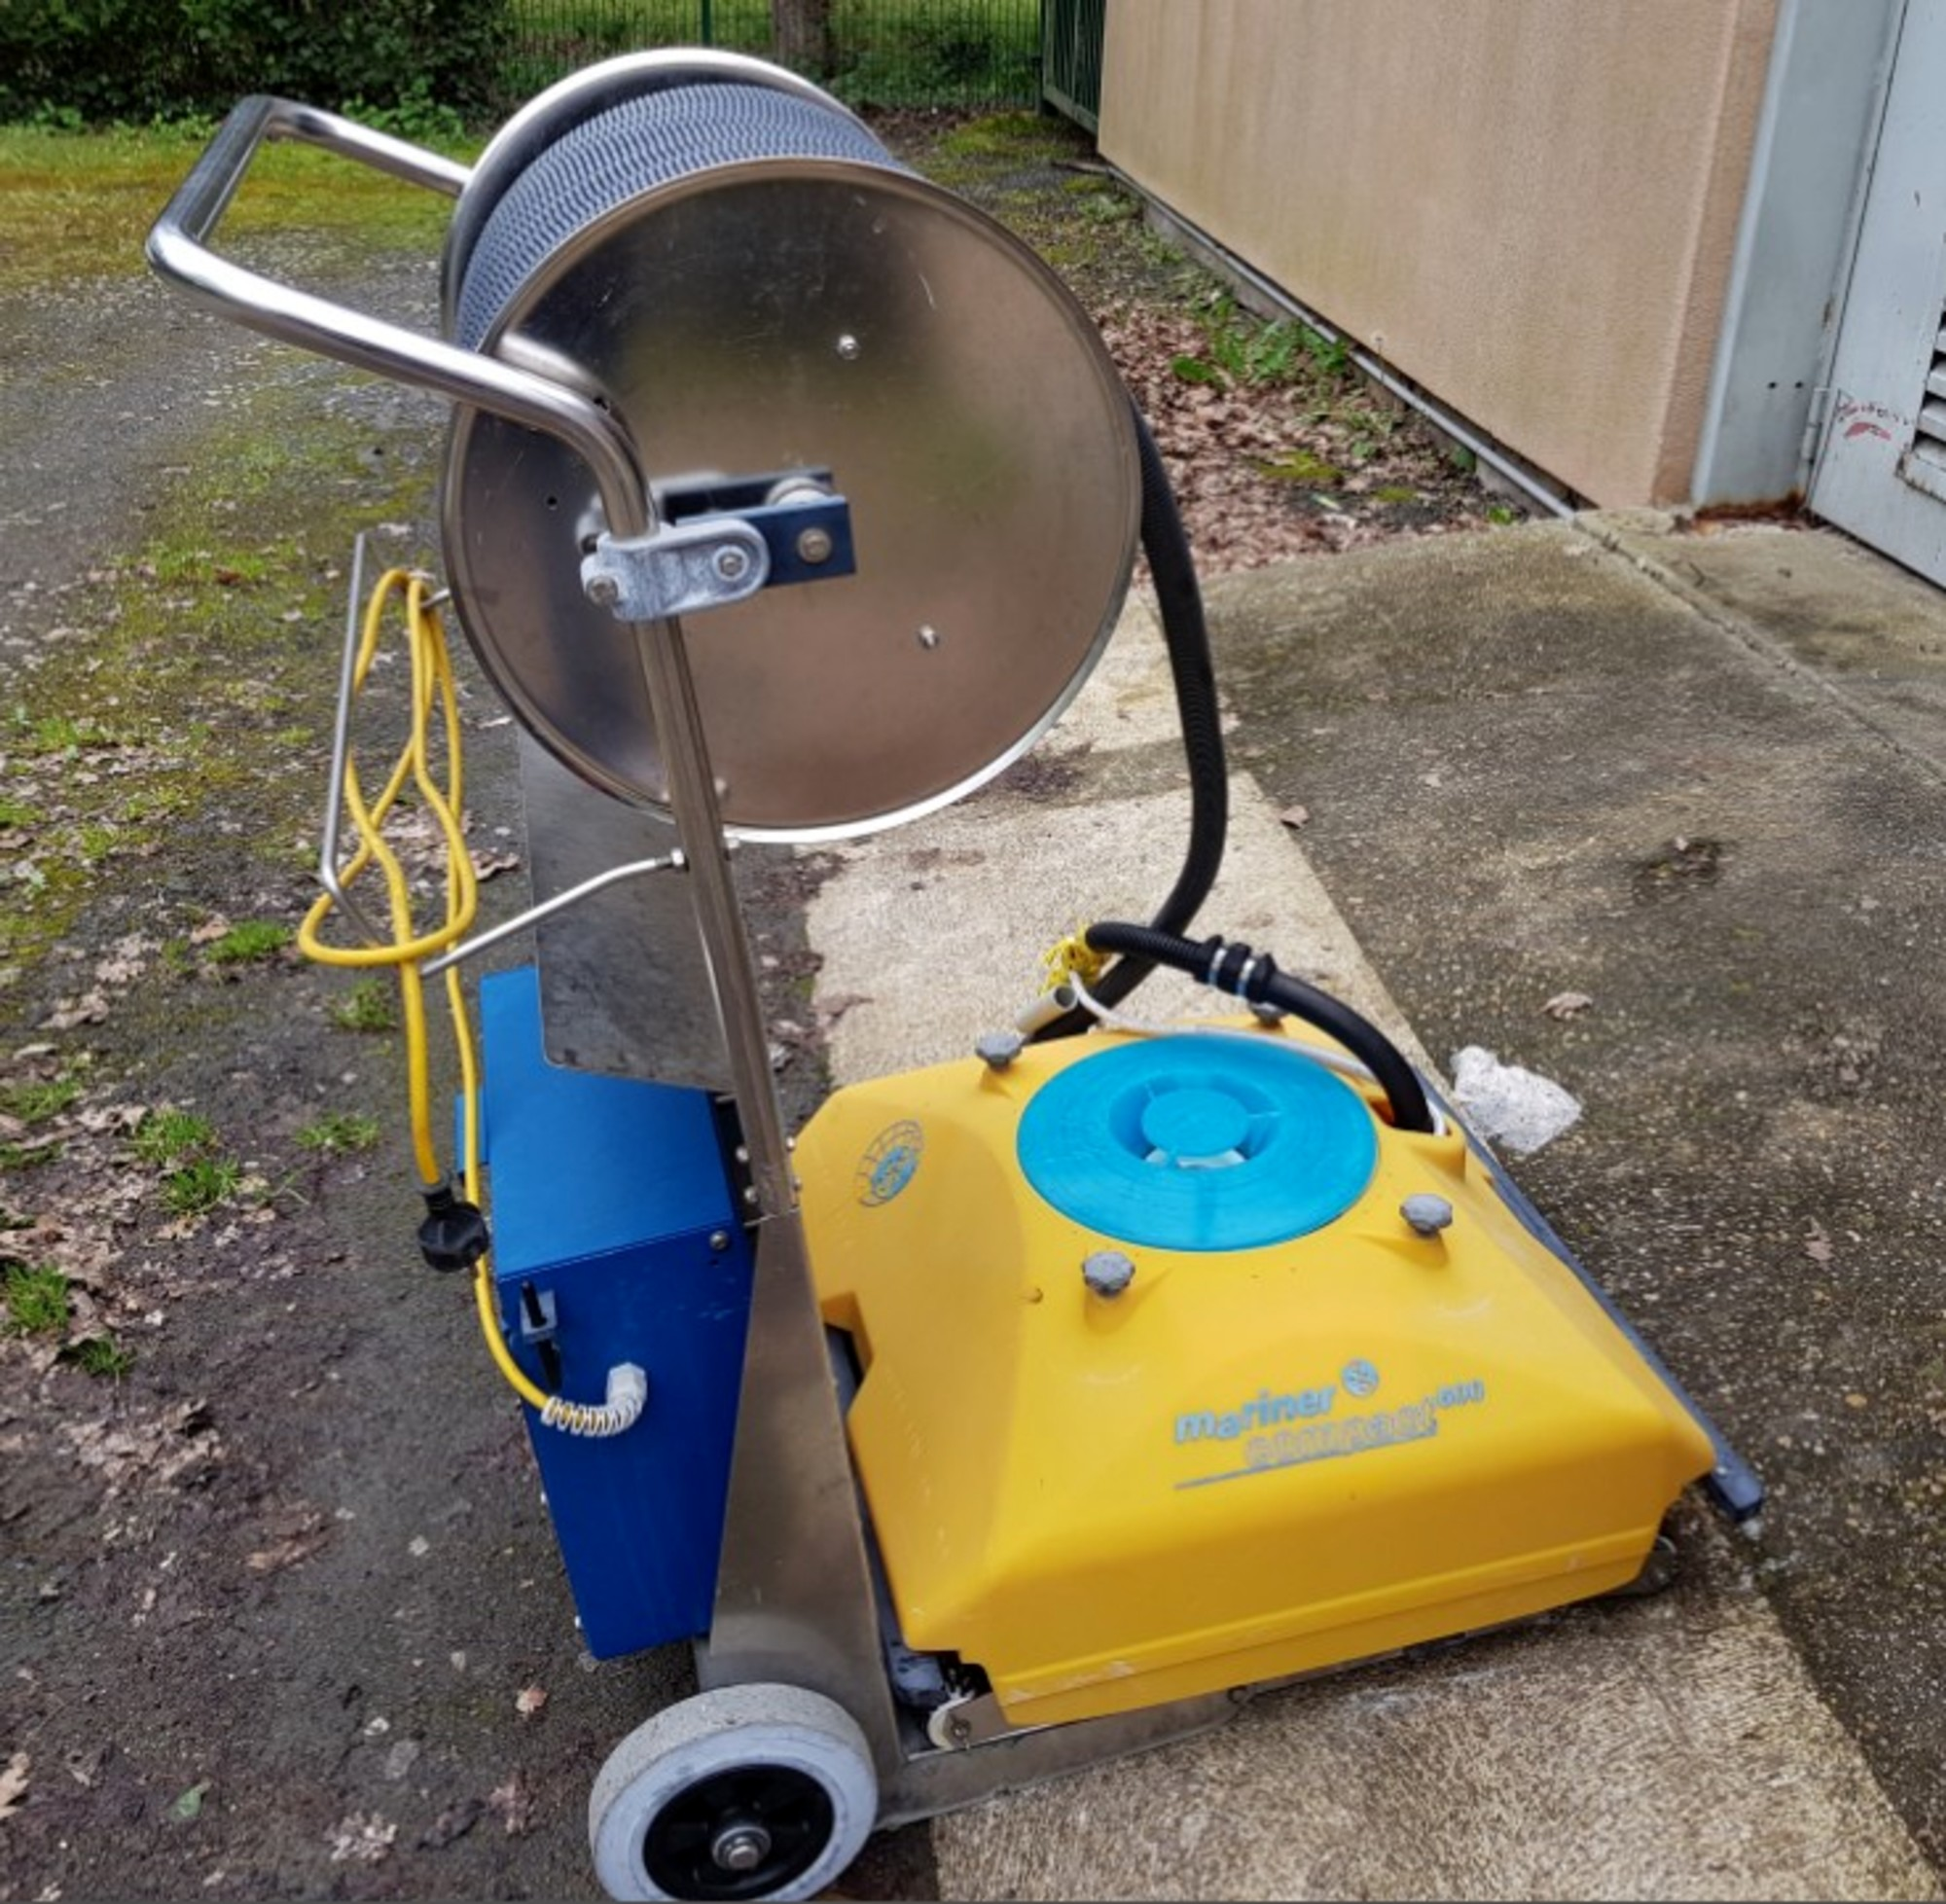 Robot de nettoyage piscine mariner compact 600 sport d for Robot piscine occasion